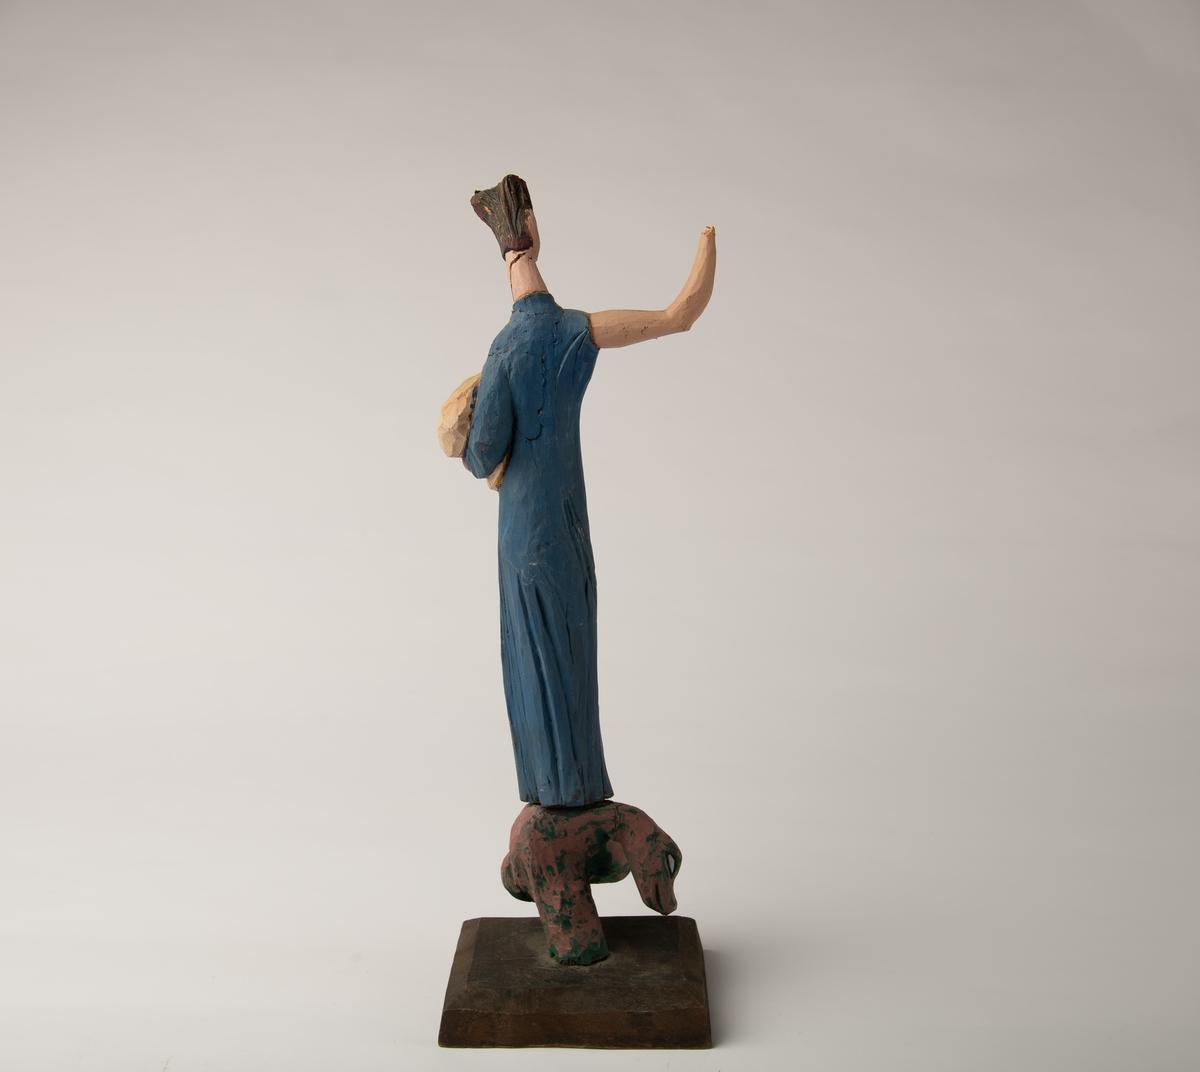 Lang smal kvinneskikkelse i blå kjole, gult